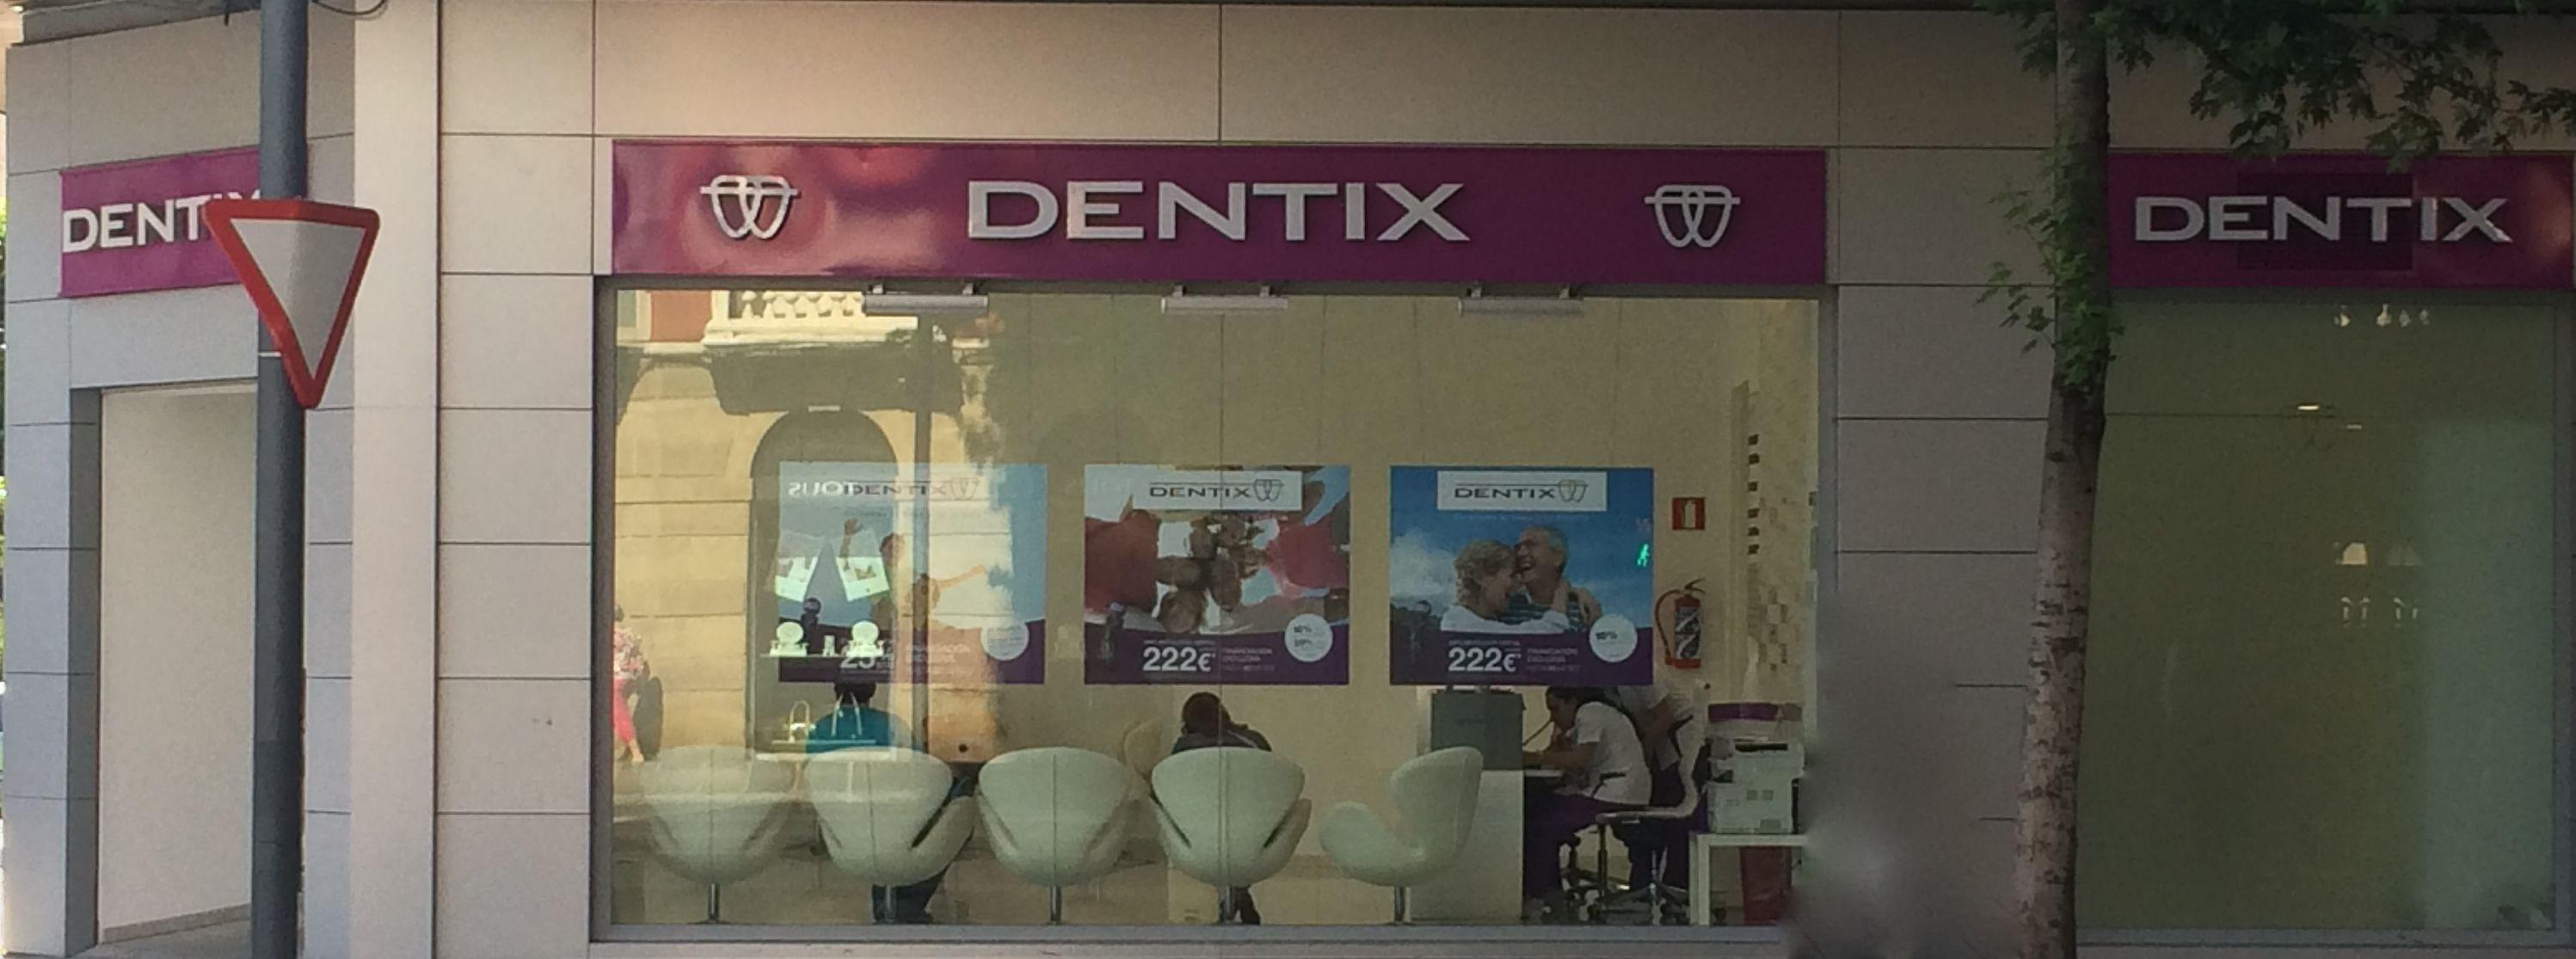 clinicas dentales dentix